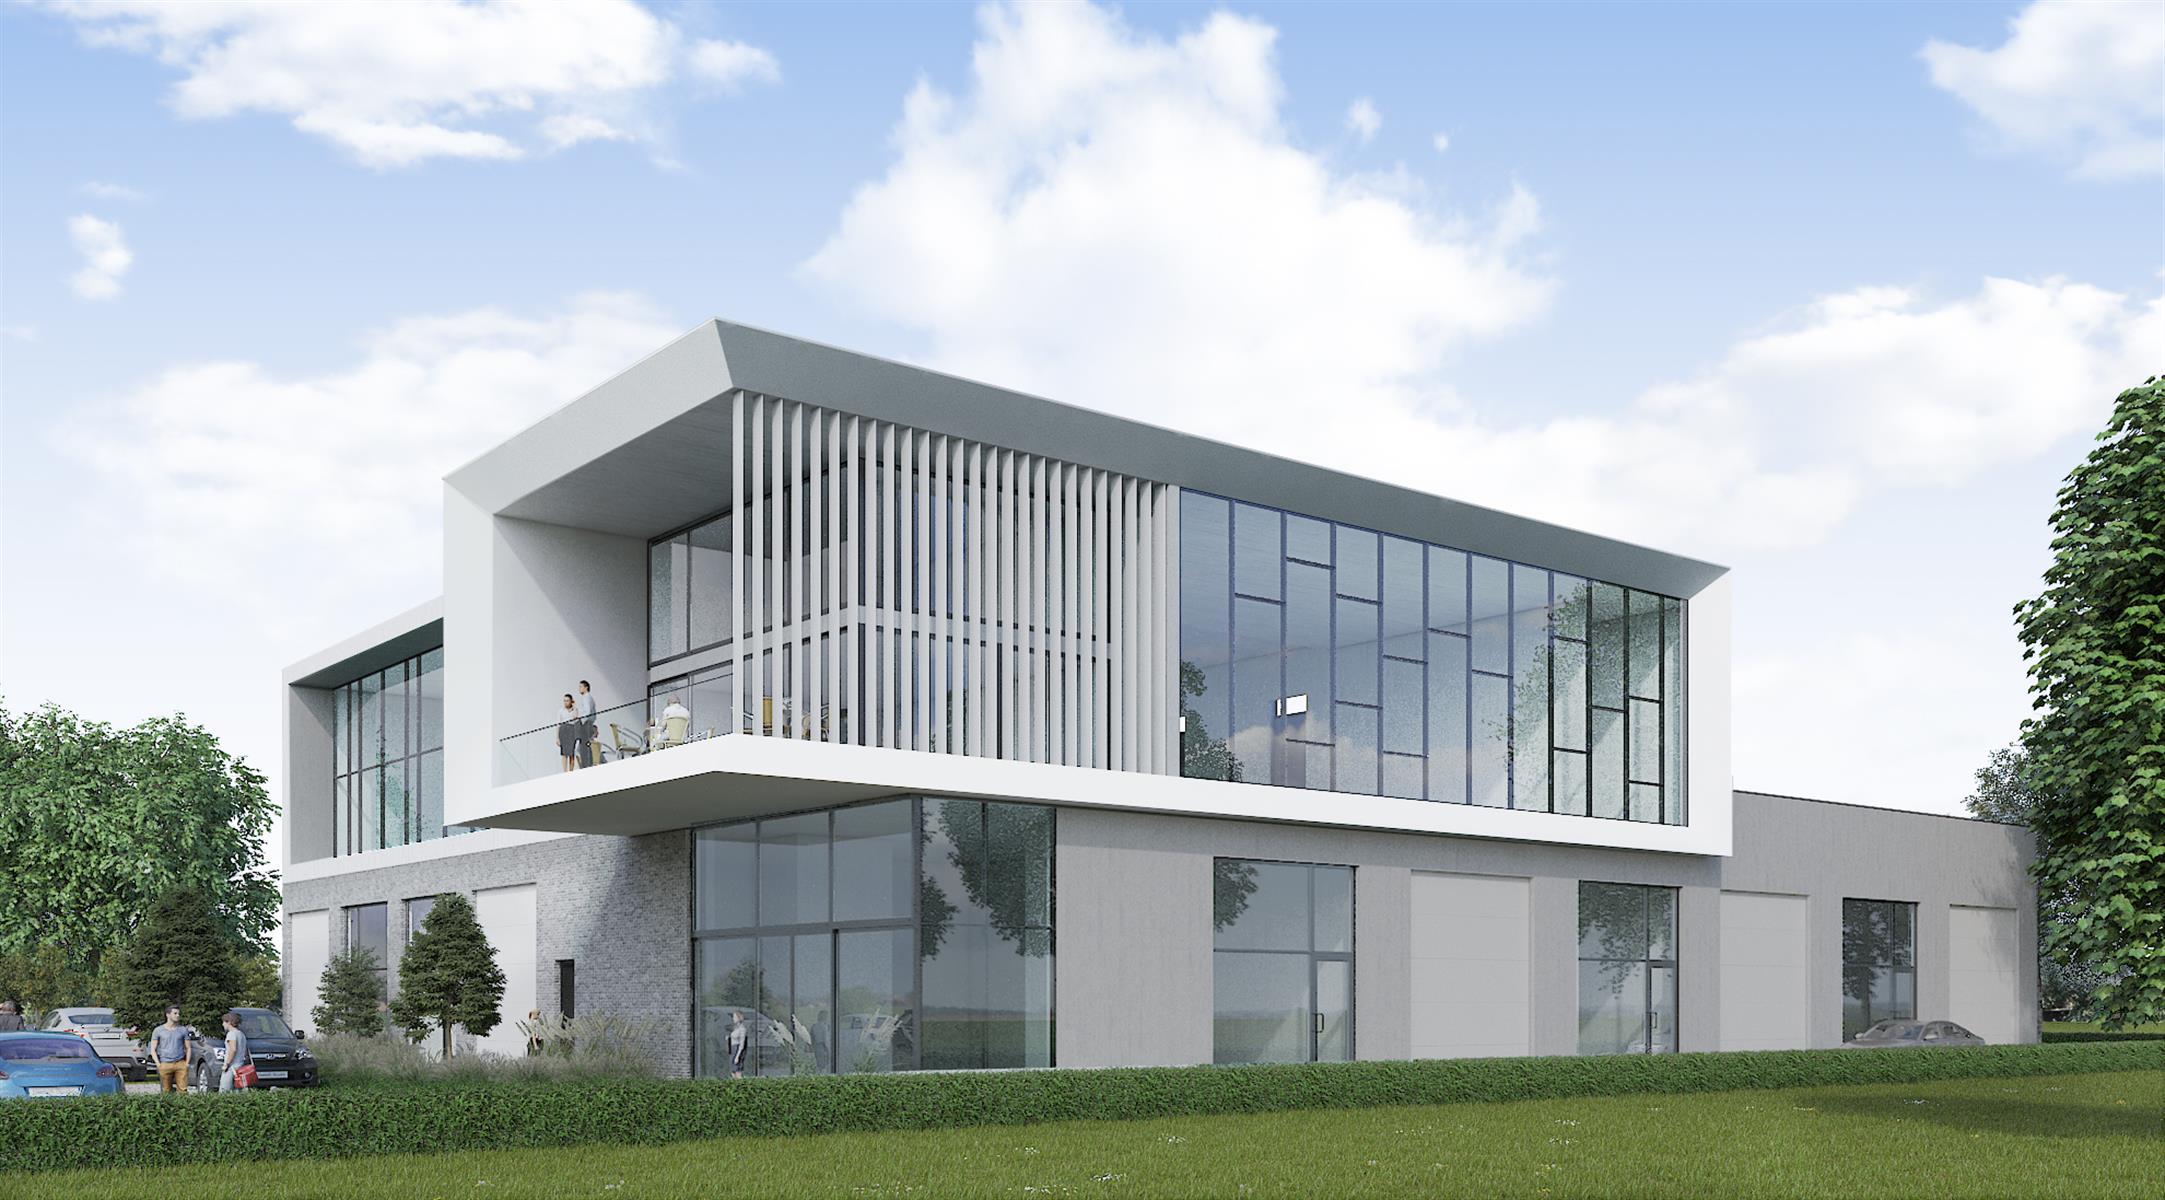 industrieel gebouw te huur NIEUWBOUW KMO UNIT/KANTOOR MET MAGAZIJN/806m²) - 3200 Aarschot, België 3